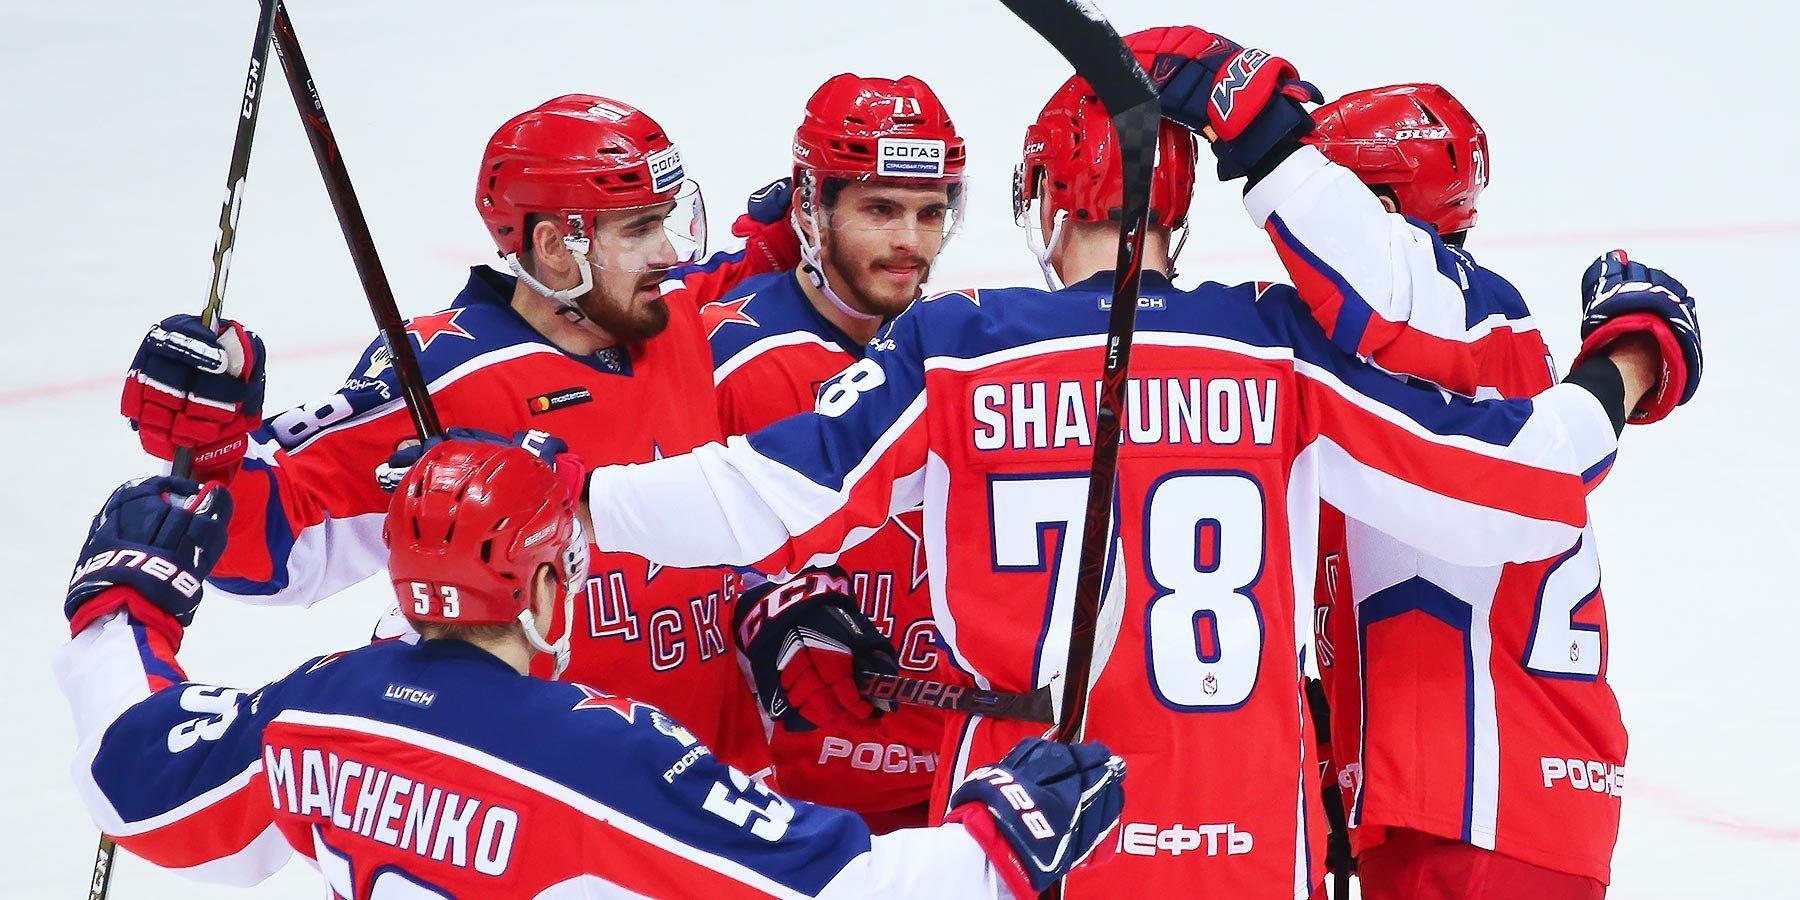 ЦСКА дома обыграл СКА и упрочил лидерство в Западной конференции